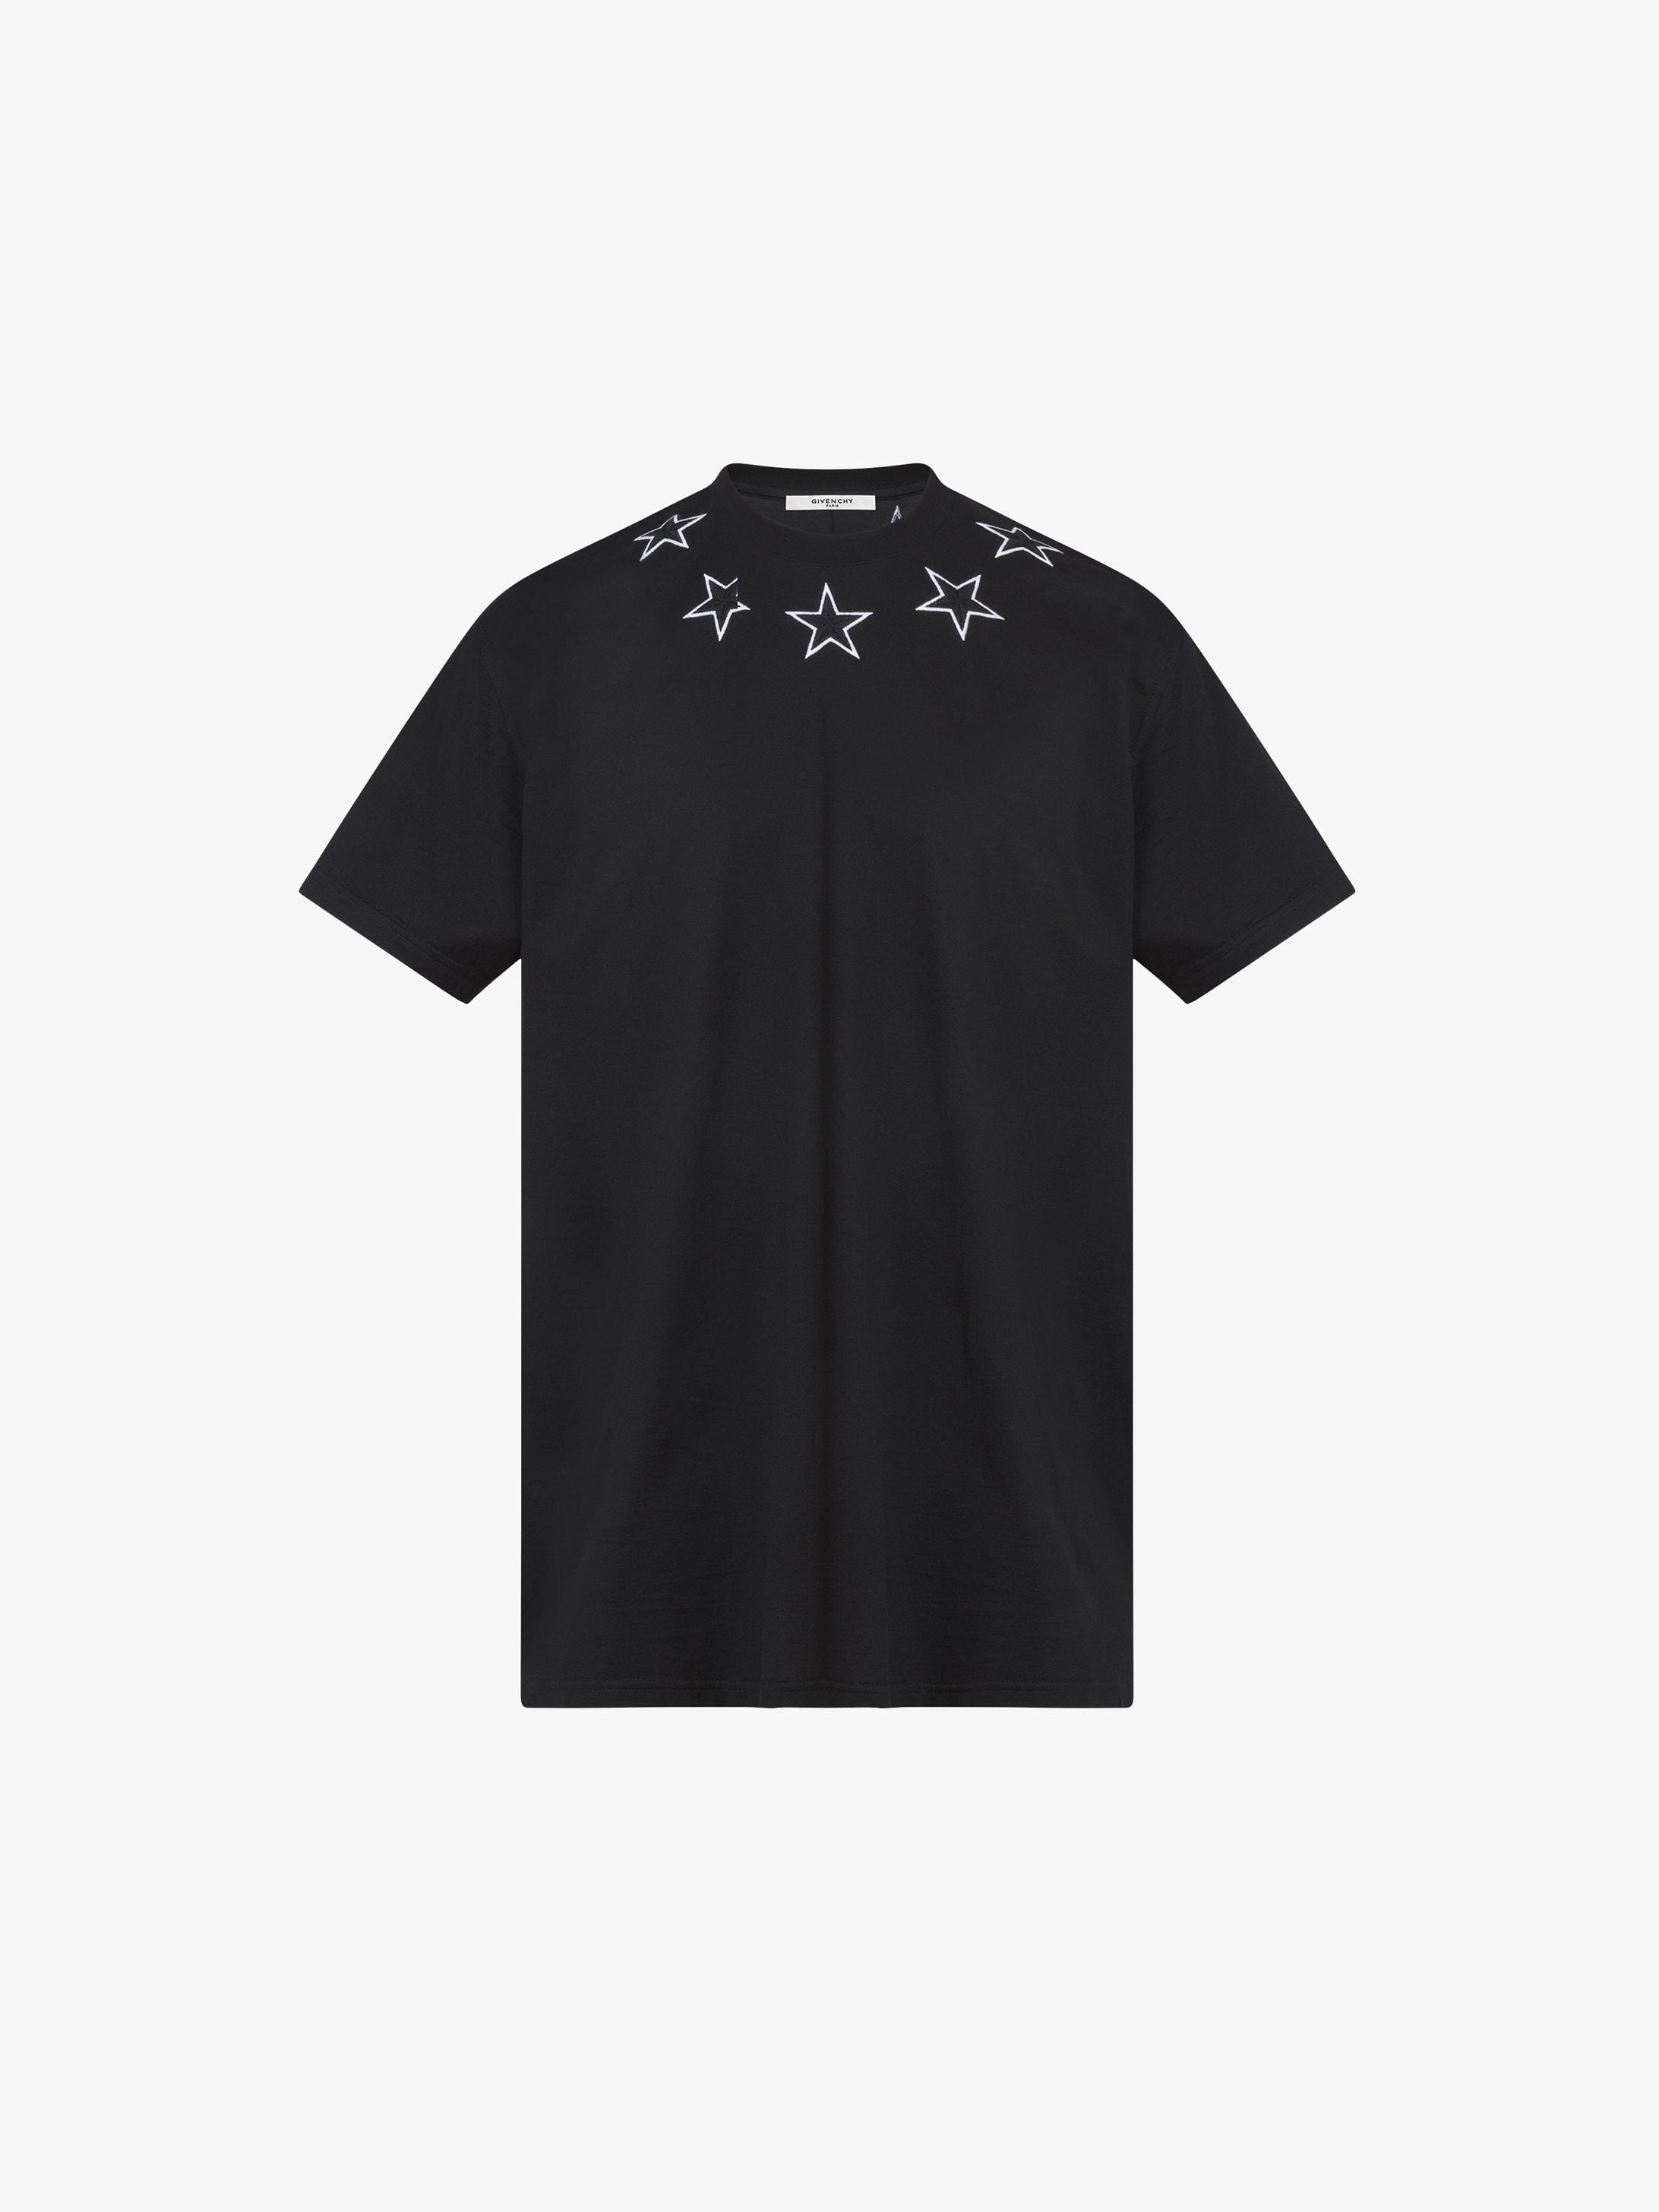 五角星刺绣超大T恤